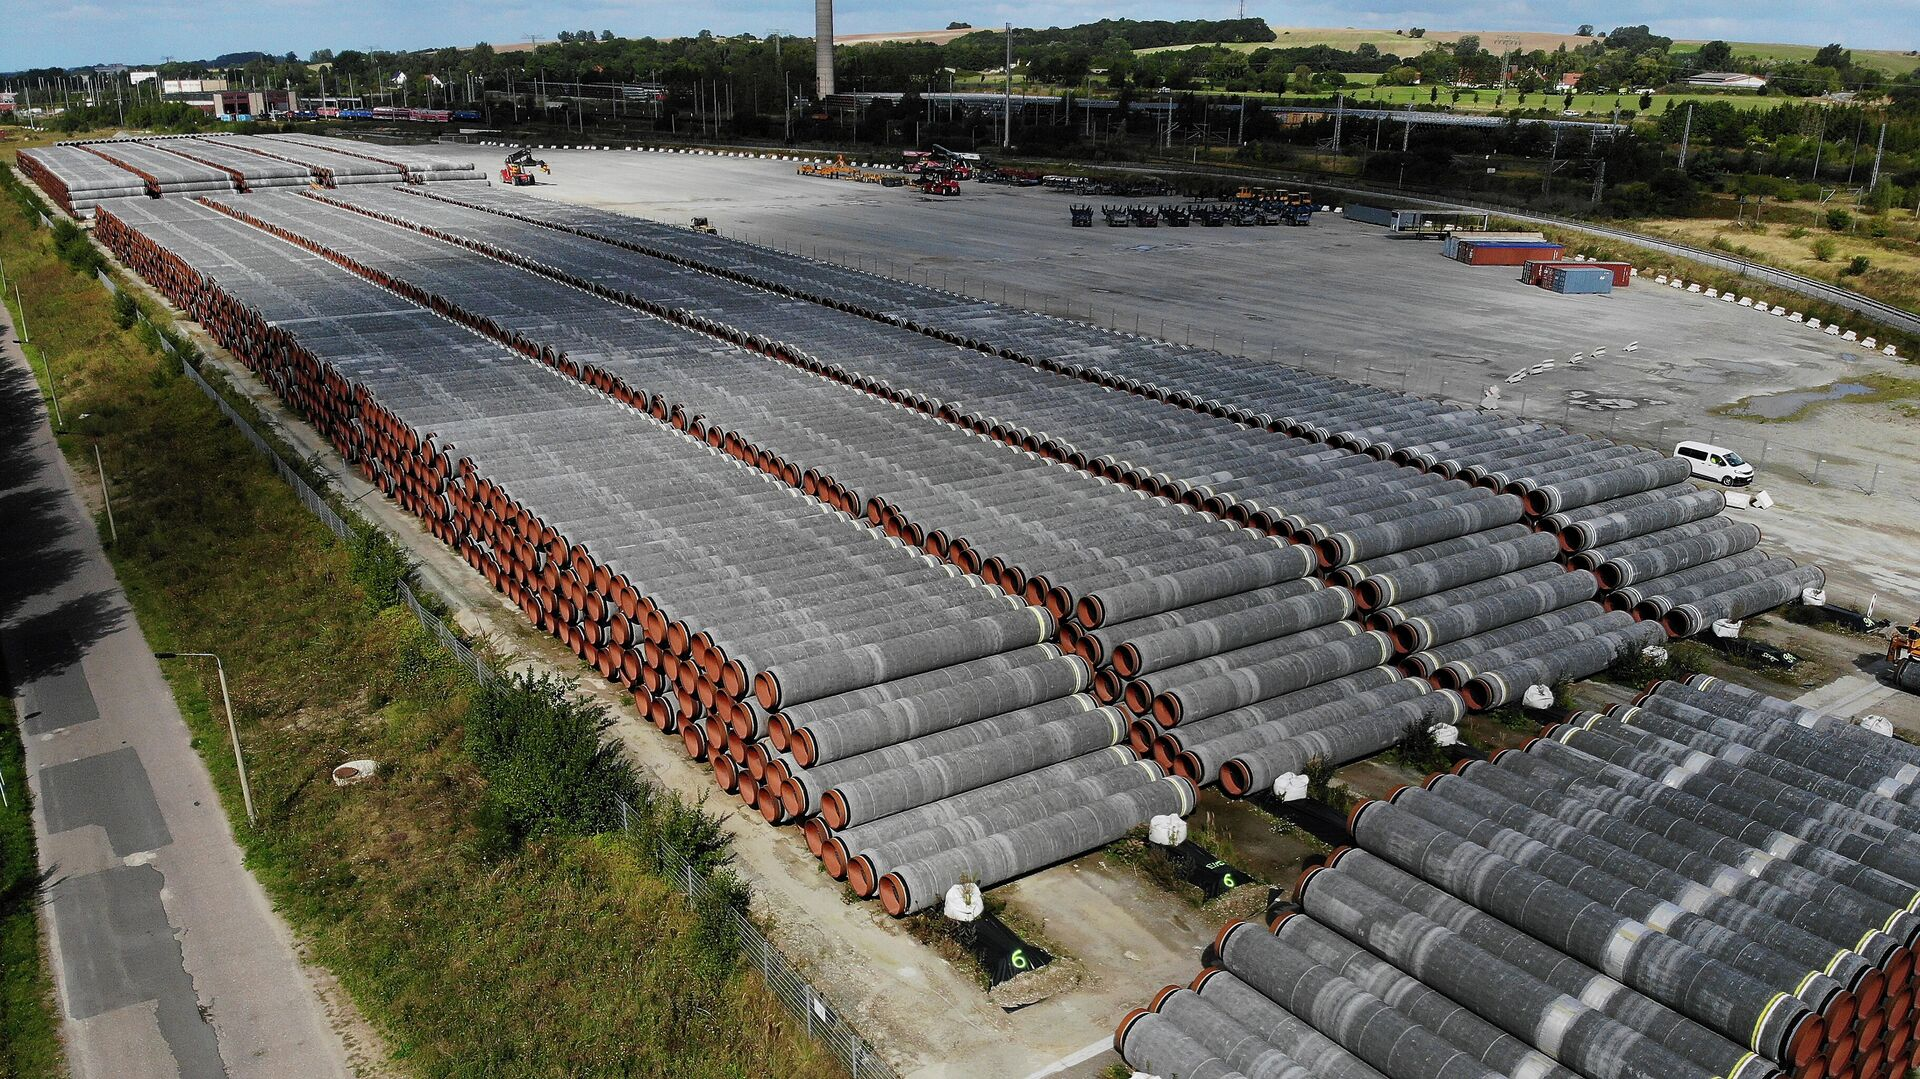 Трубы для строительства газопровода Nord Stream 2 на площадке в порту Мукран, Германия - РИА Новости, 1920, 16.09.2020